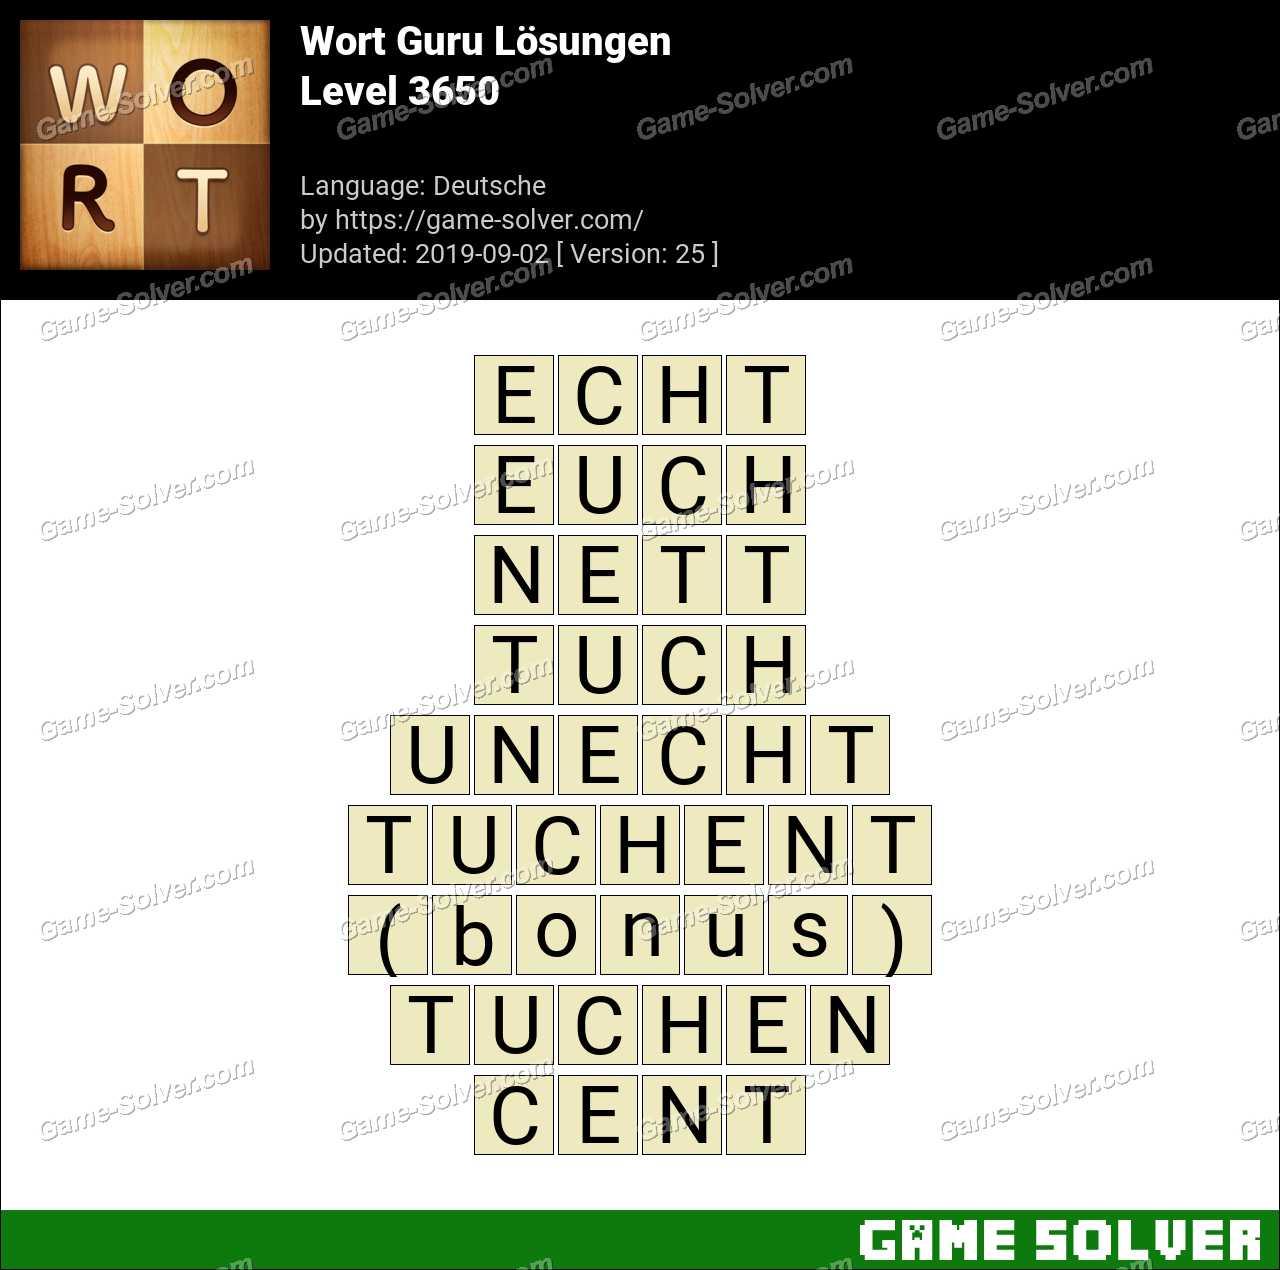 Wort Guru Level 3650 Lösungen